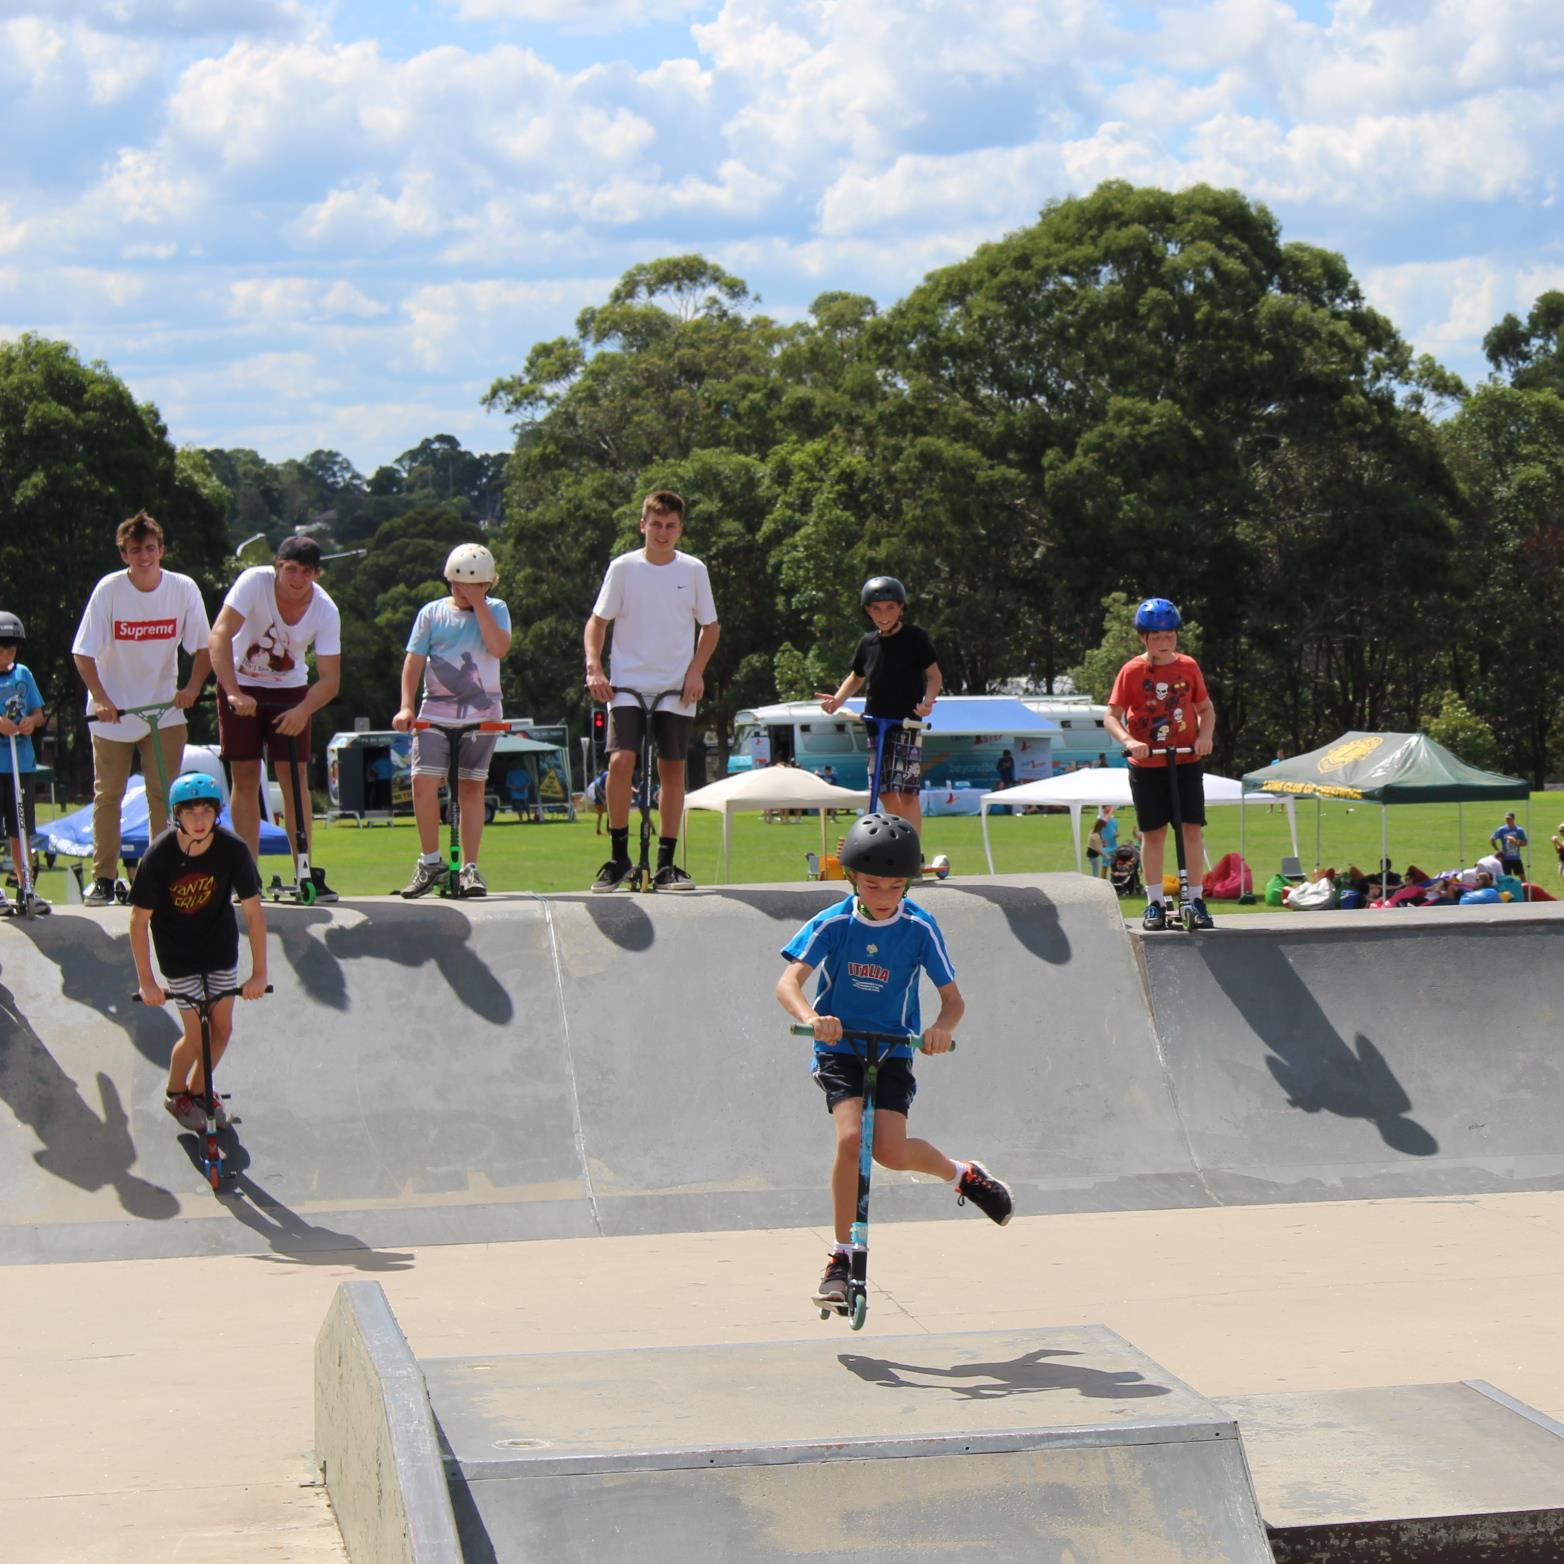 Skaters in Baulkham Hills.